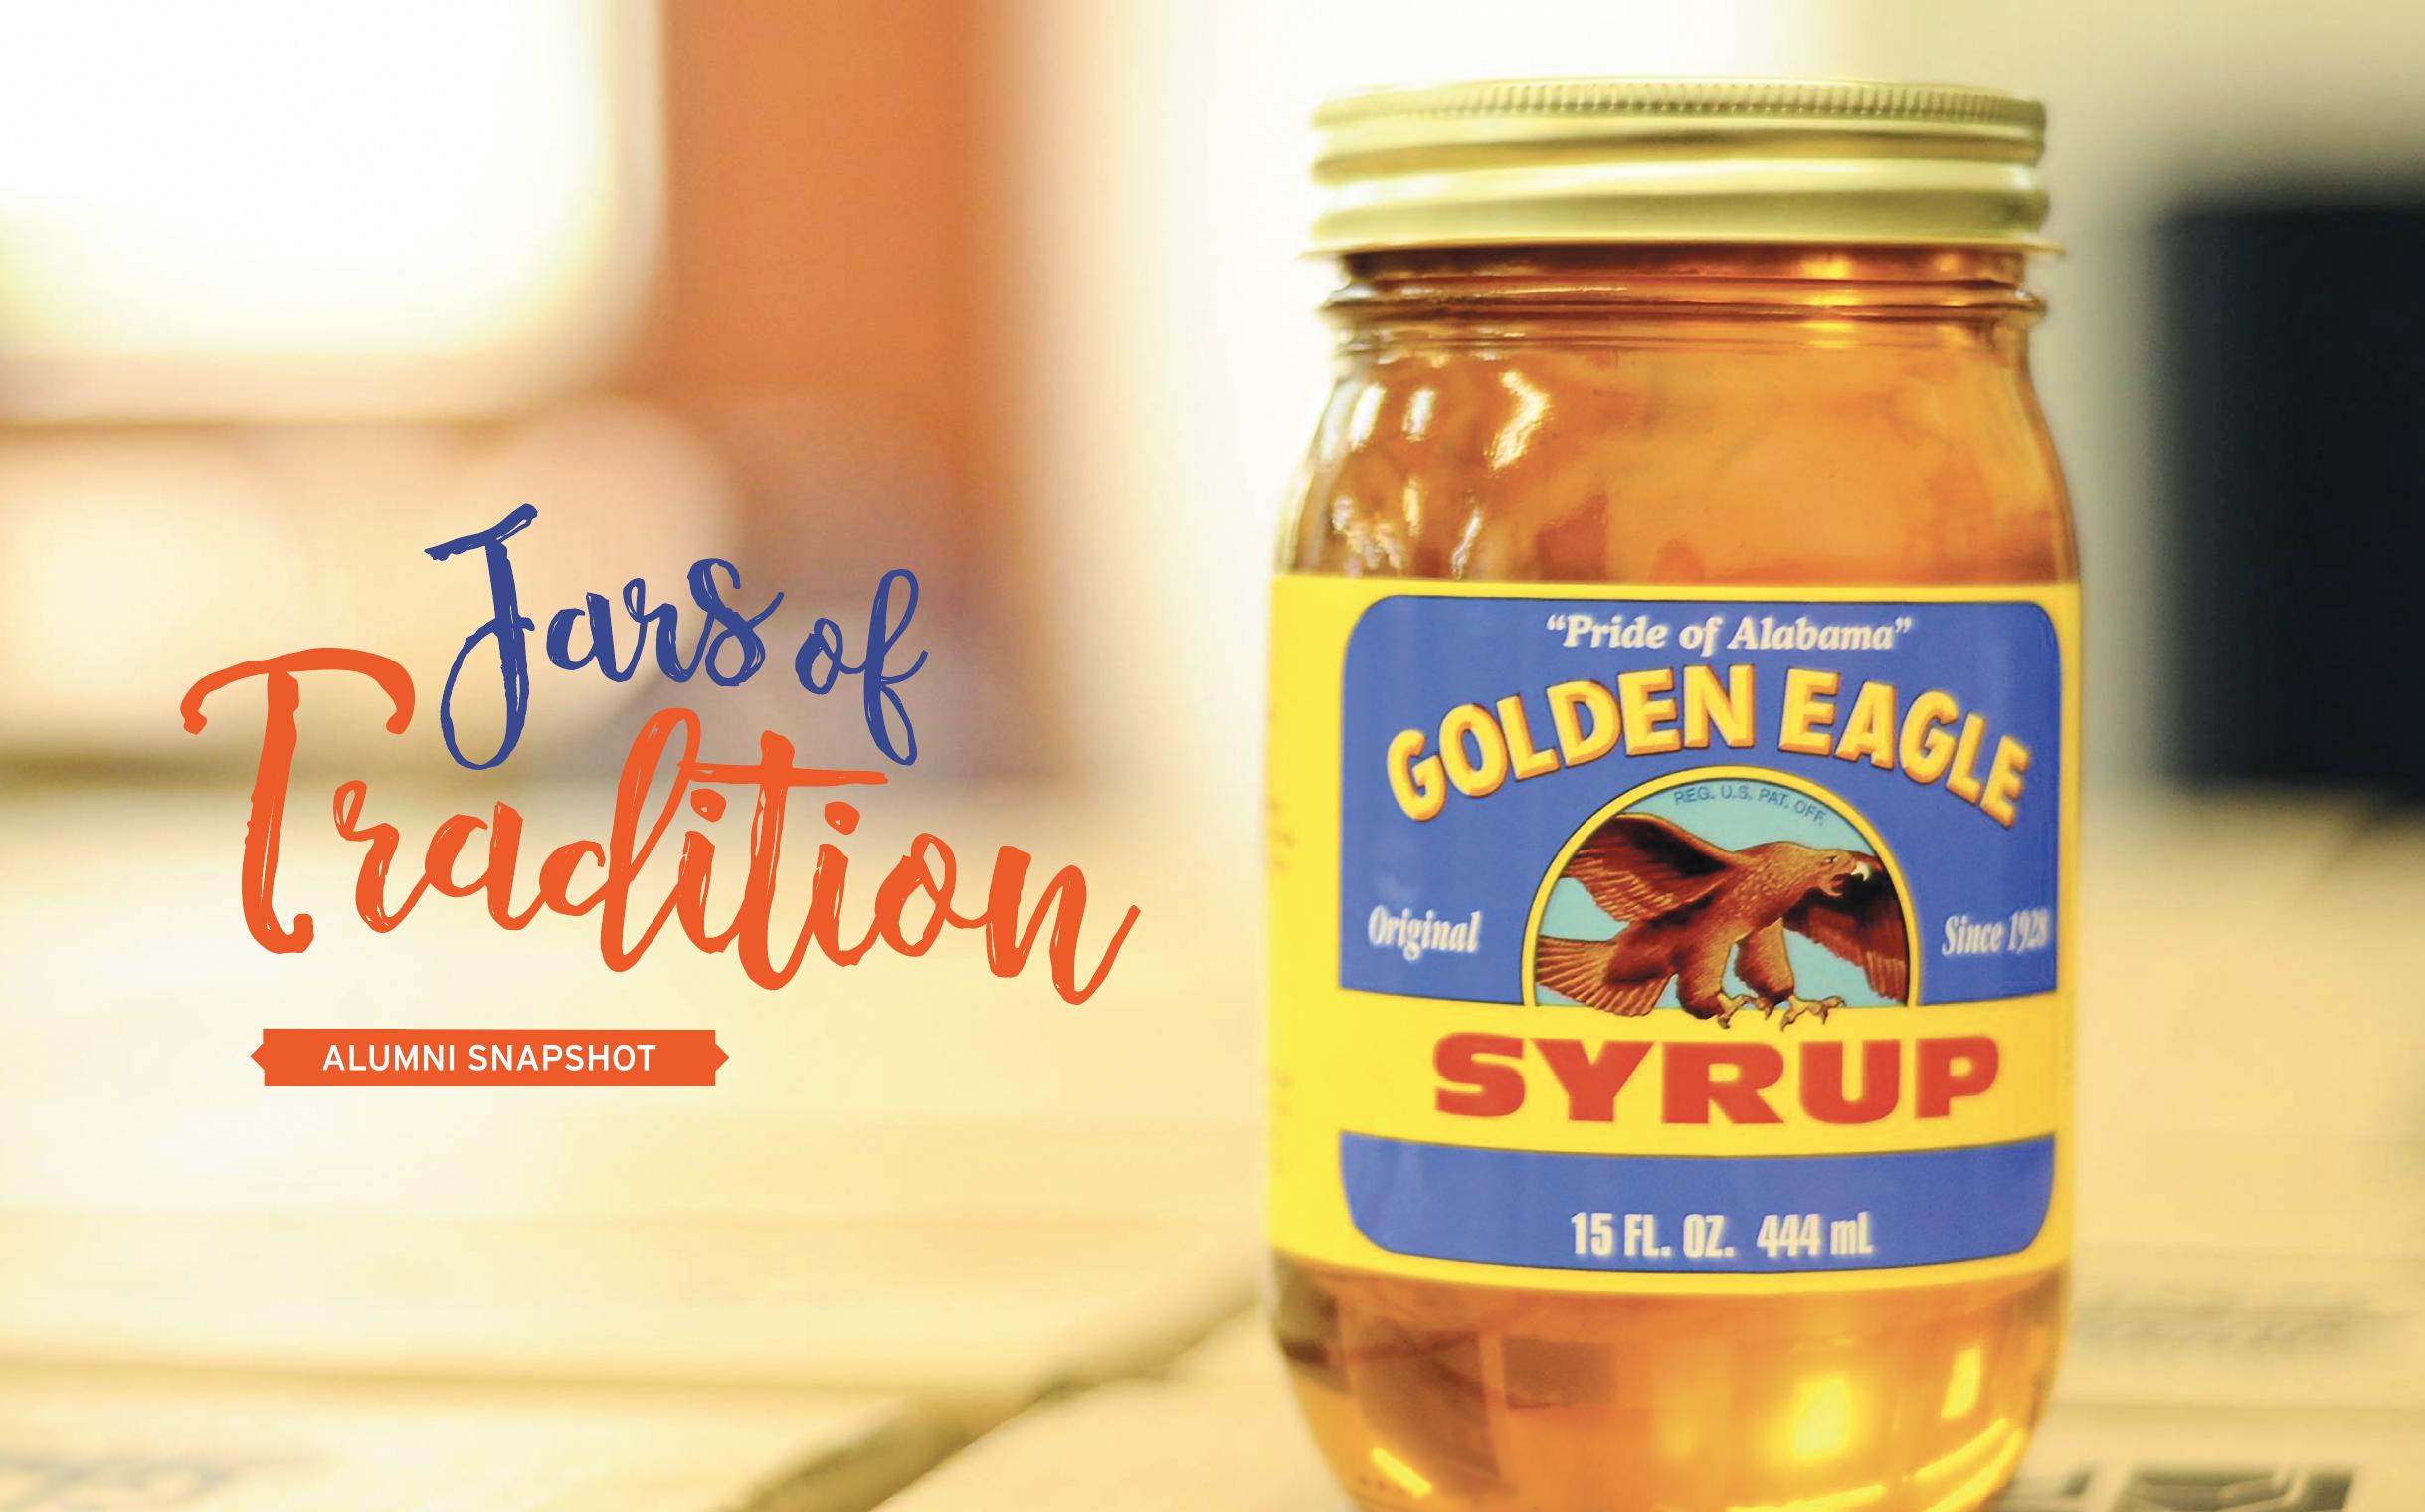 Jars of Tradition Alumni Snapshot; Jar of Golden Eagle Syrup